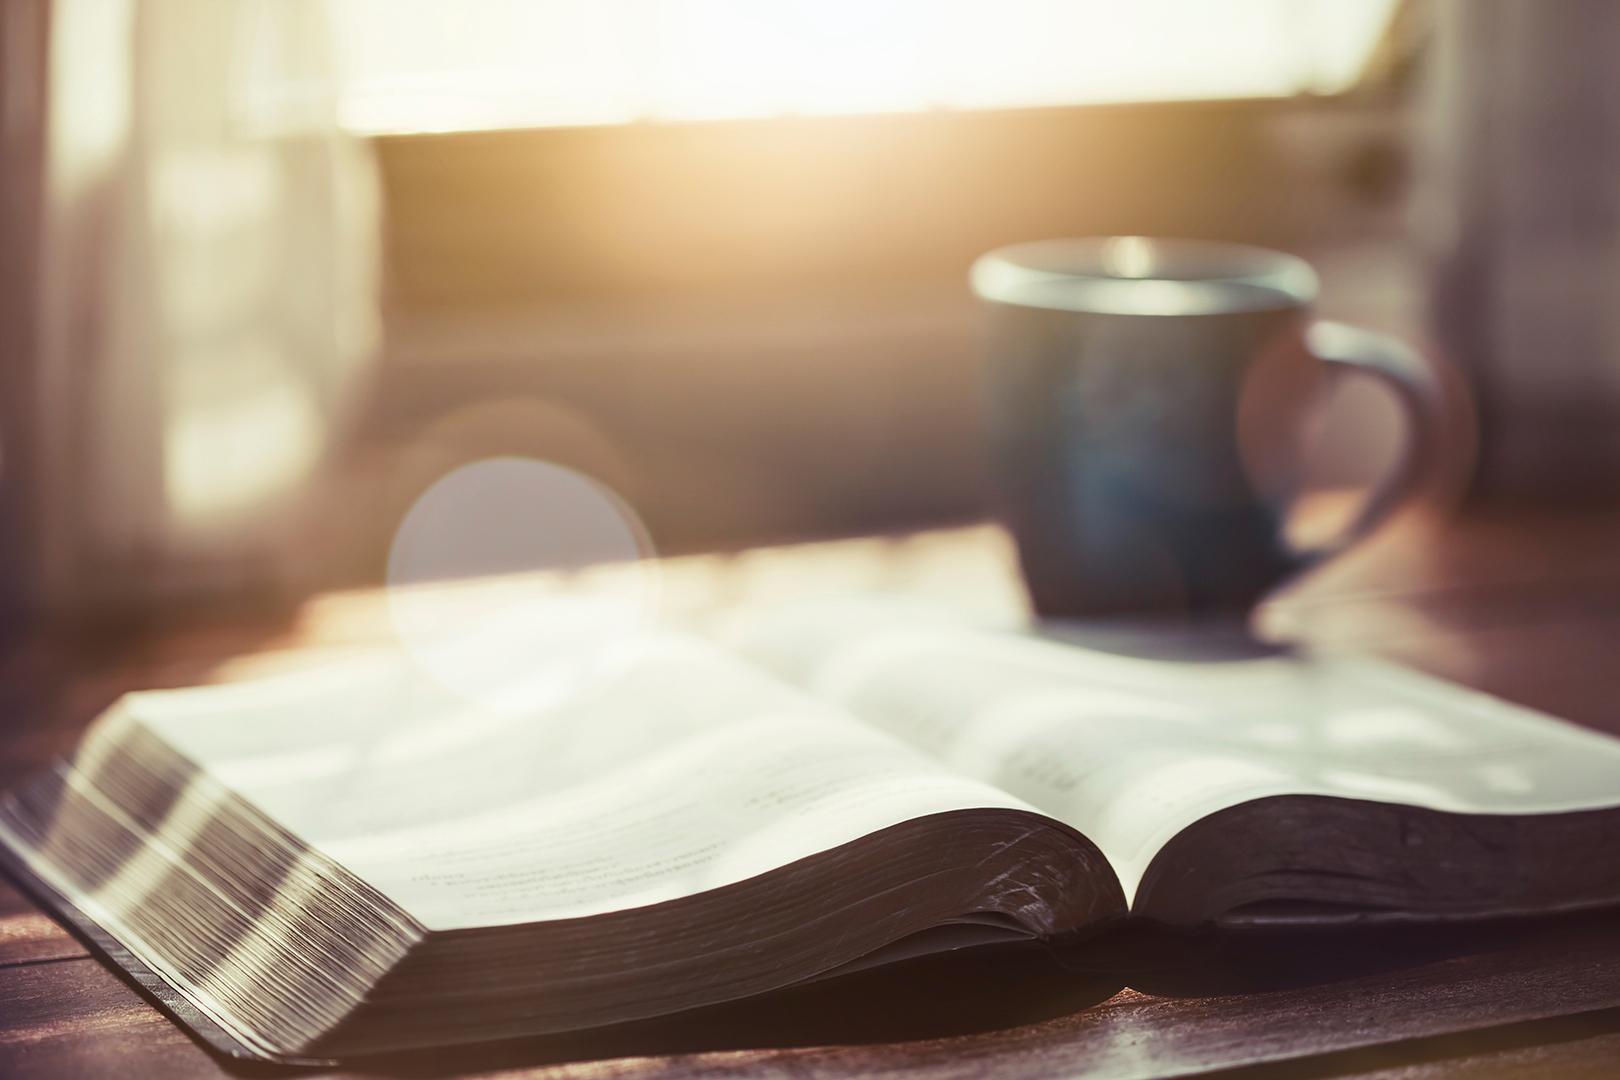 Lea la Biblia en un año : 223º día11 min read